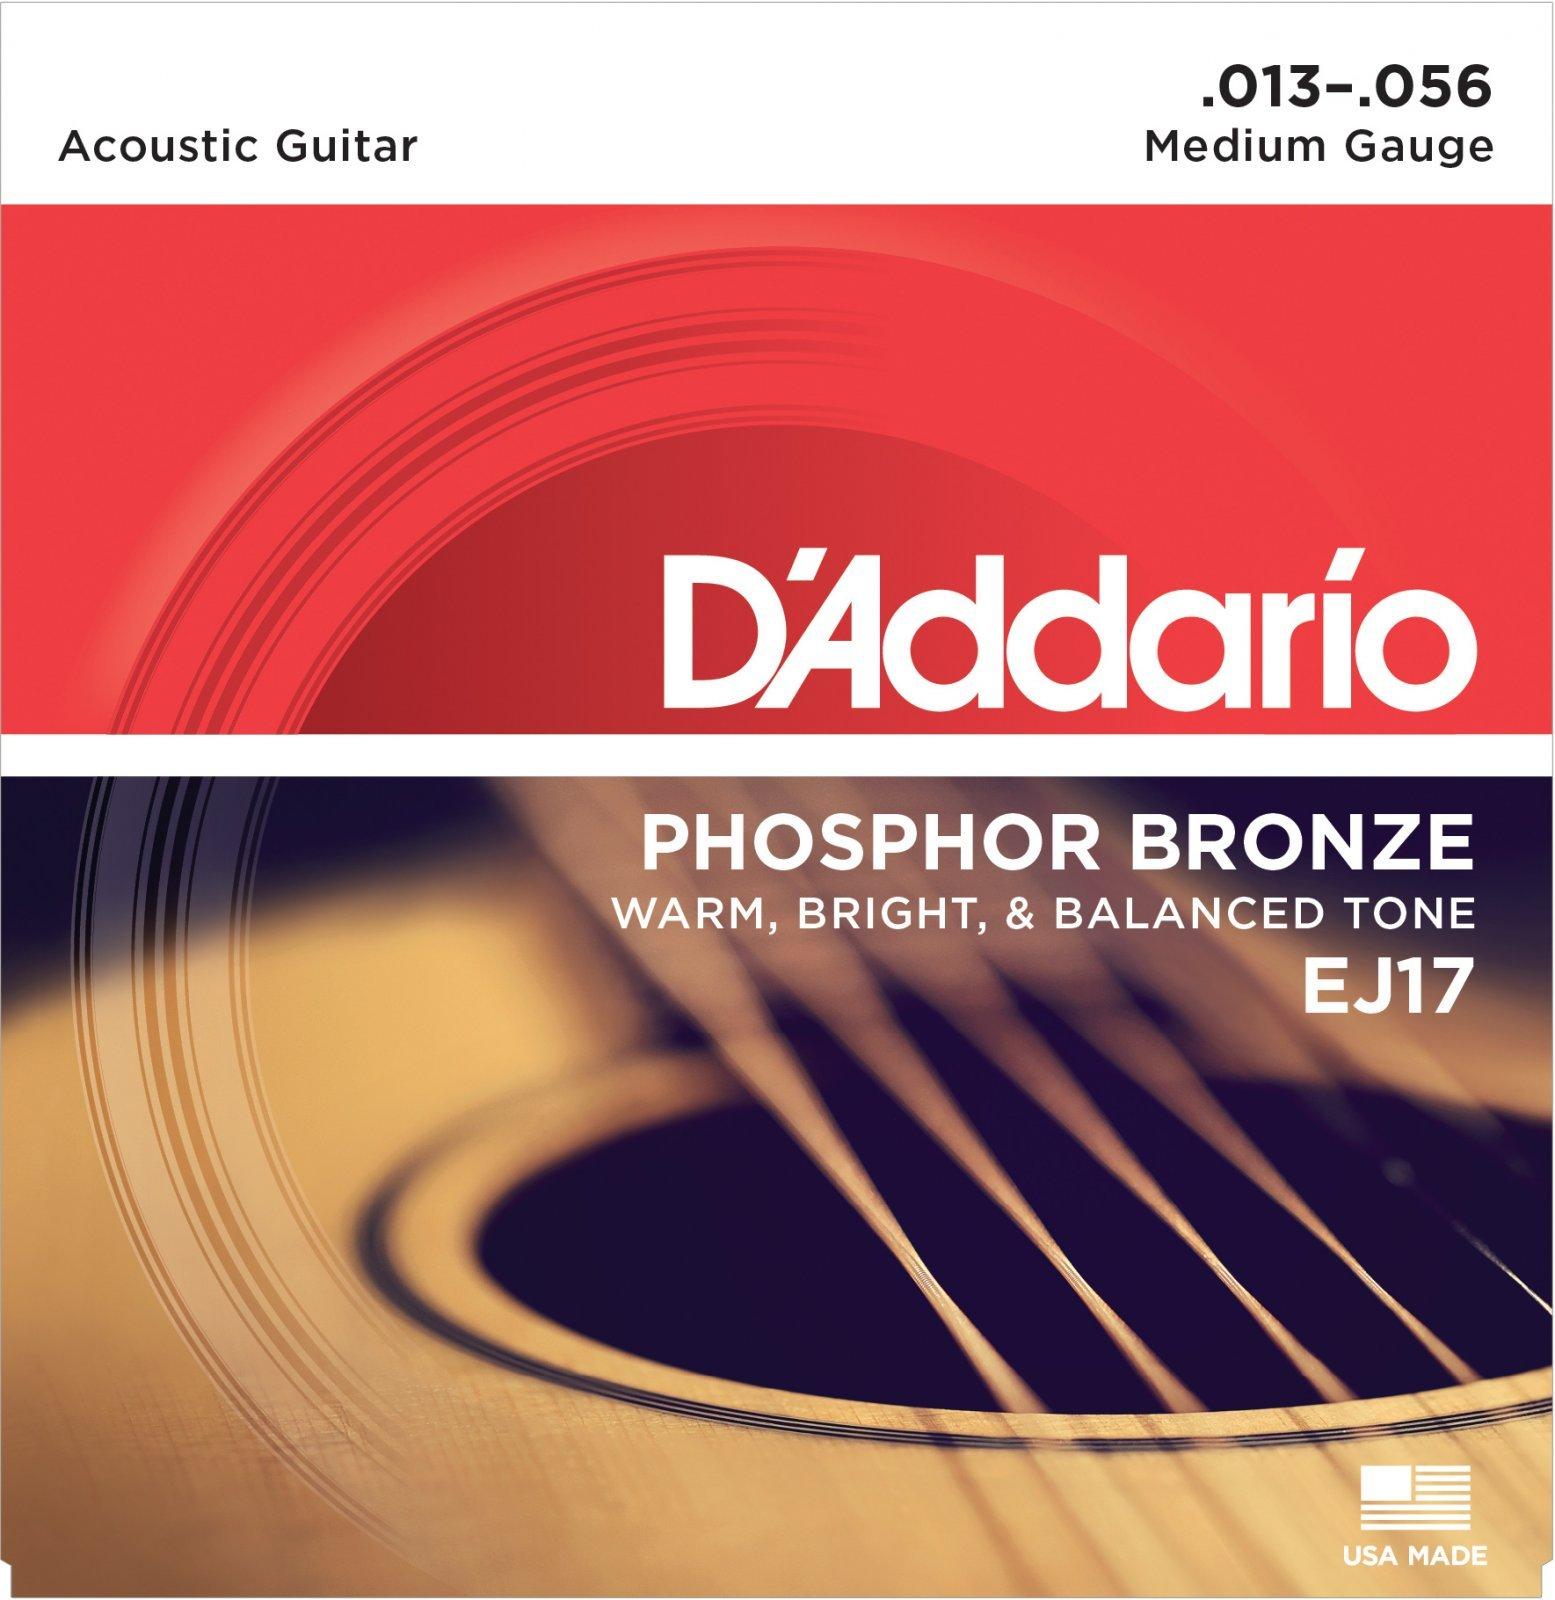 D'Addario Phosphor Bronze EJ17 13-56